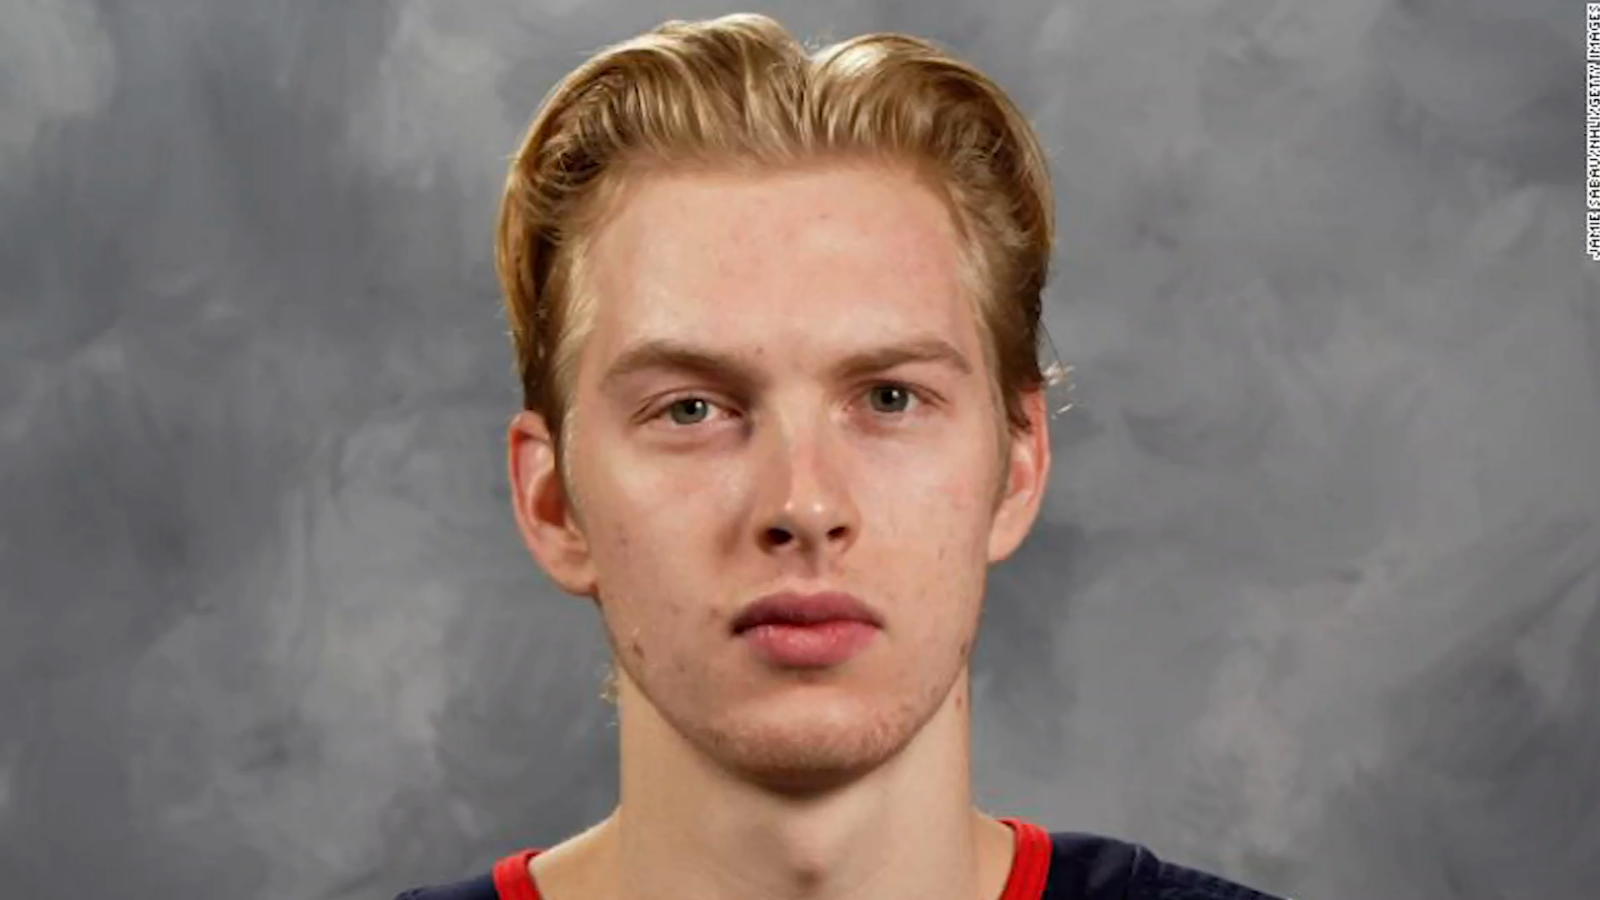 El portero de la NHL Matiss Kivlenieks muere a los 24 años por una aparente lesión en la cabeza